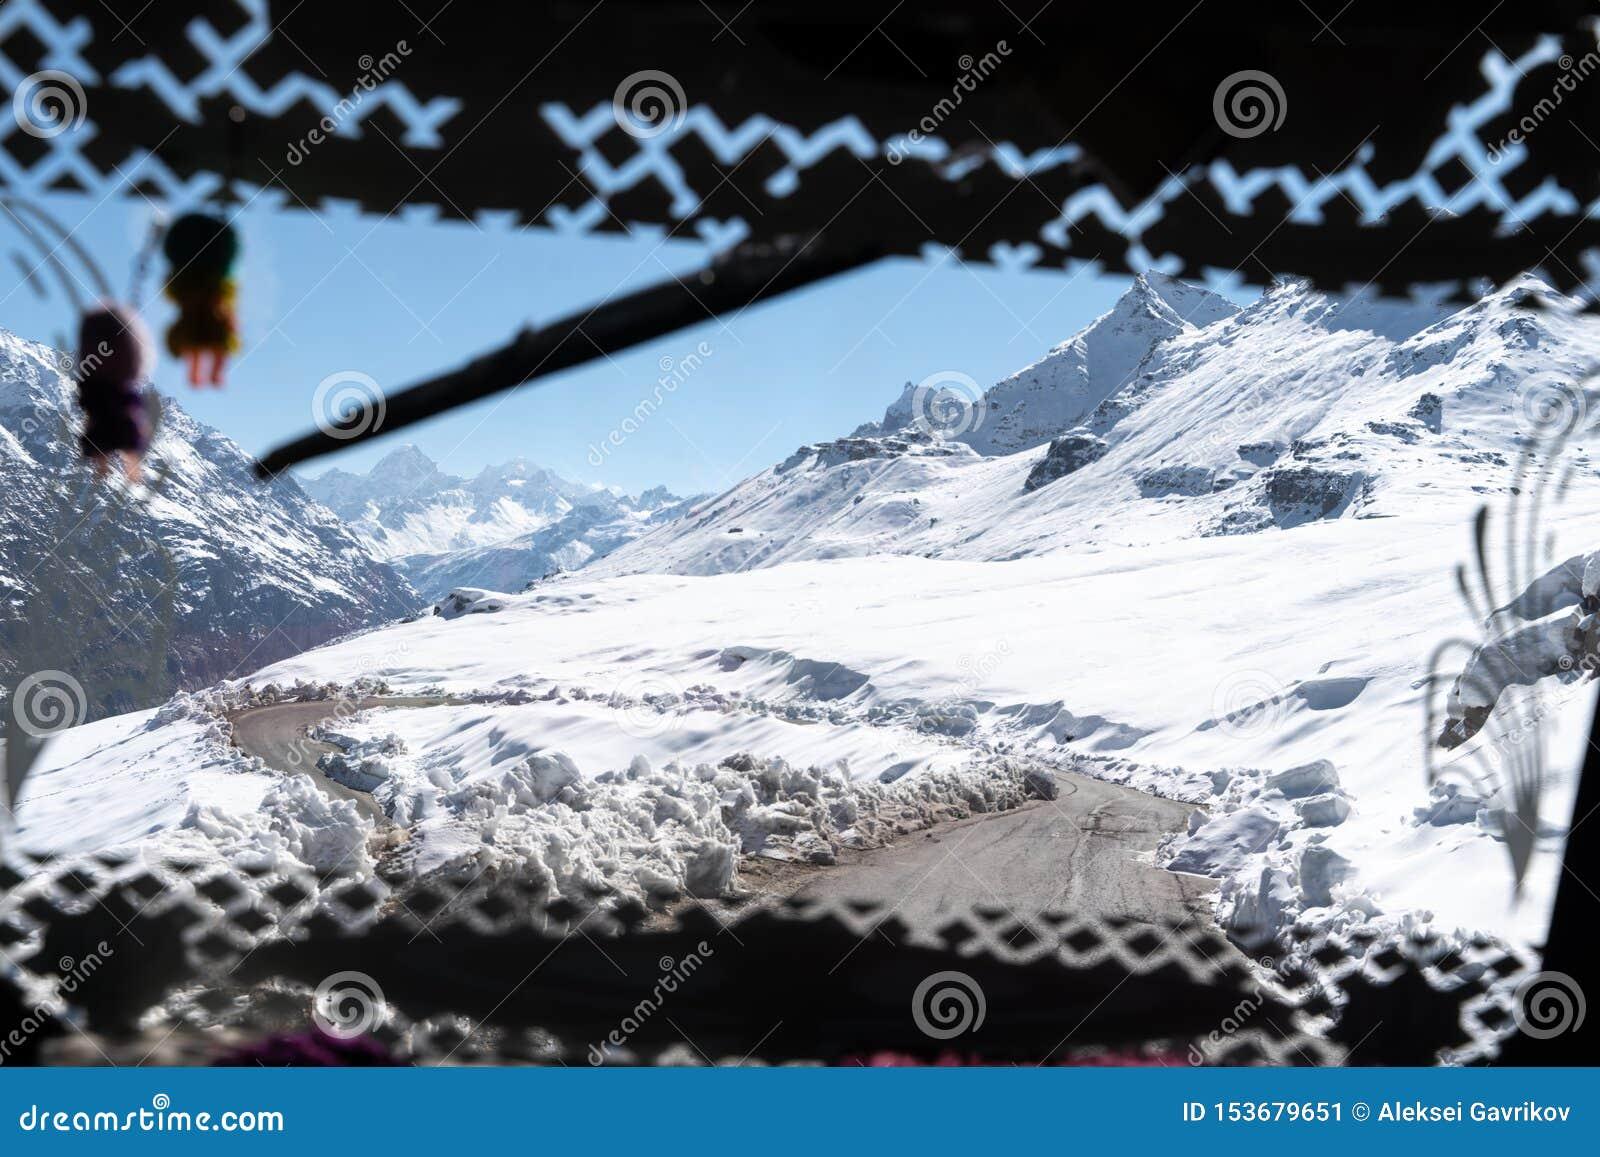 La vista dalla finestra del passeggero